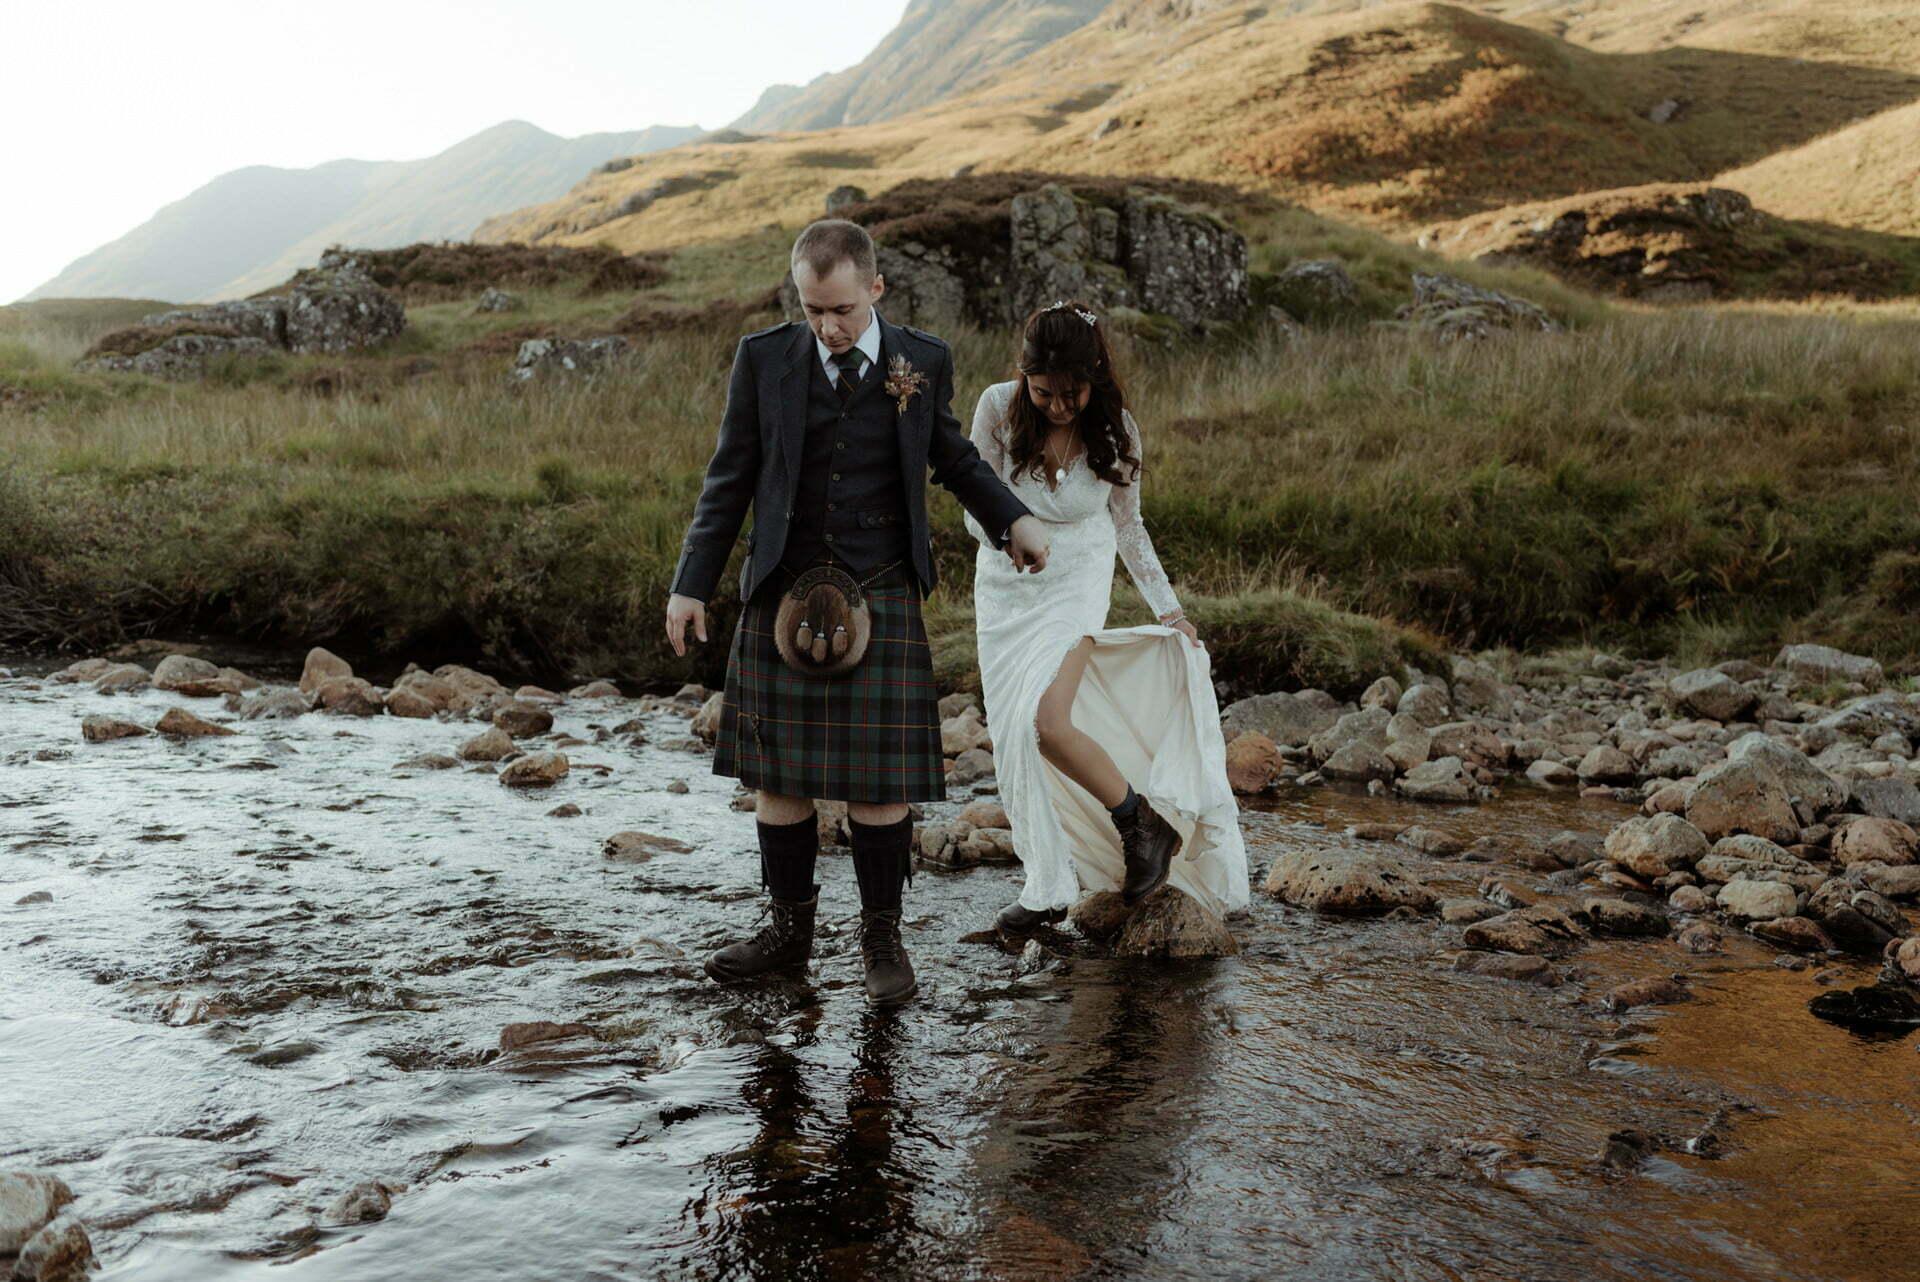 couple walking in a river in glencoe